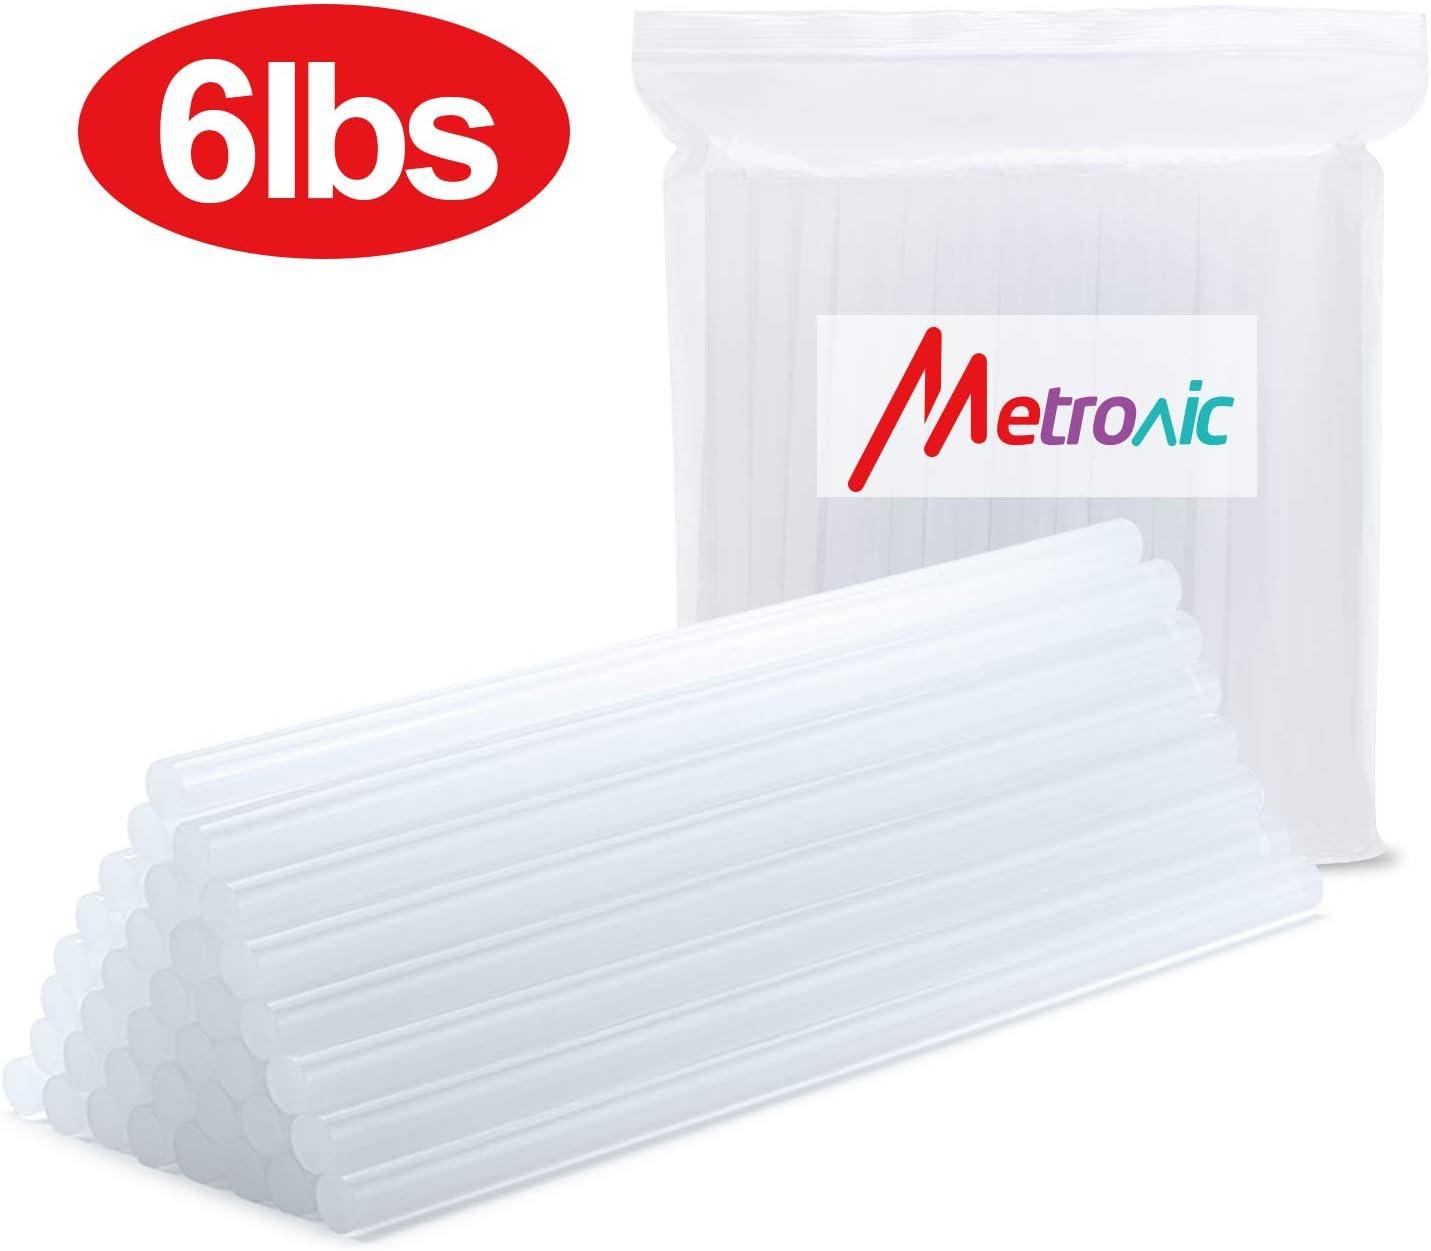 Clear Adtech 220-385-5 Hot Glue Sticks 5 lb//8 Mini Size